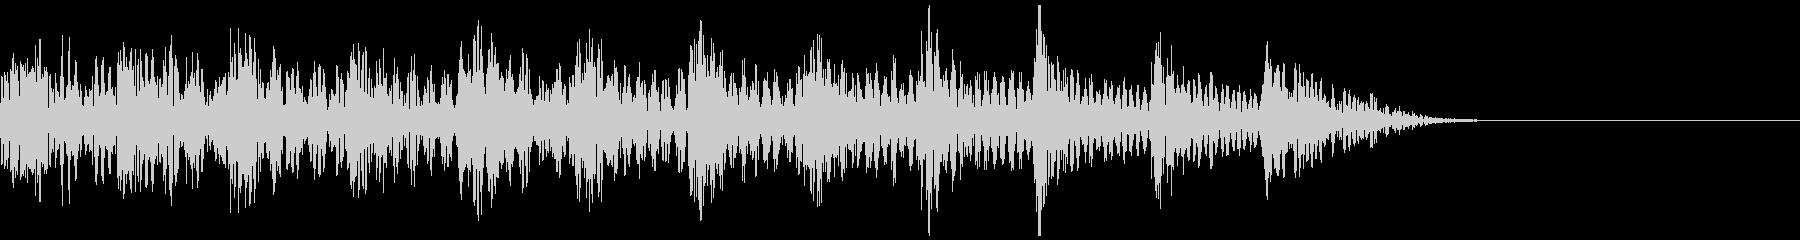 テレビ番組・動画テロップ・汎用UI音rの未再生の波形